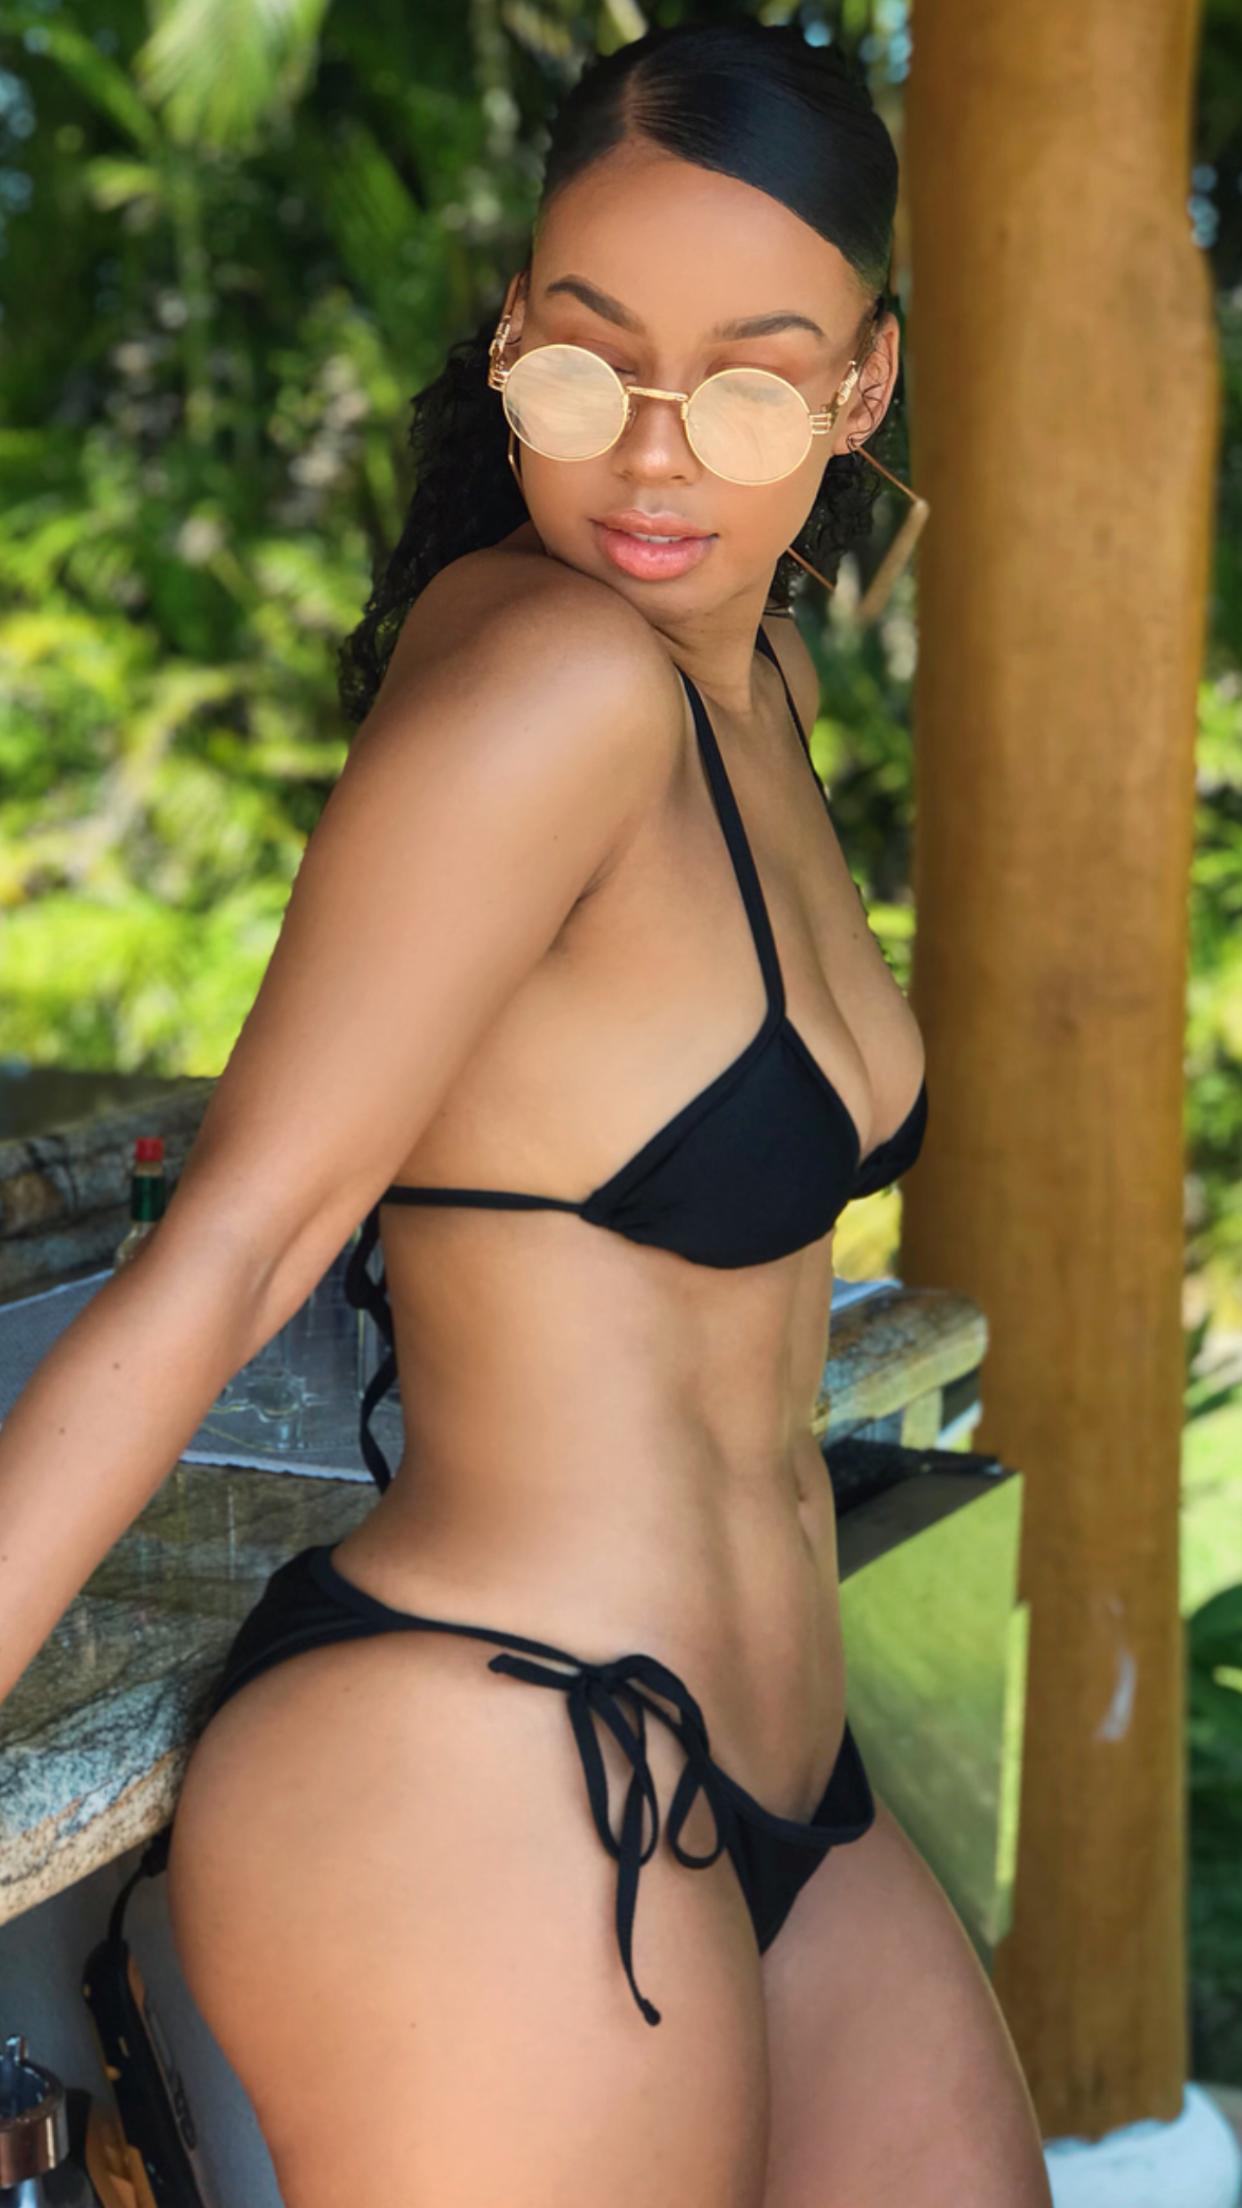 micro in Curvy bikini girls